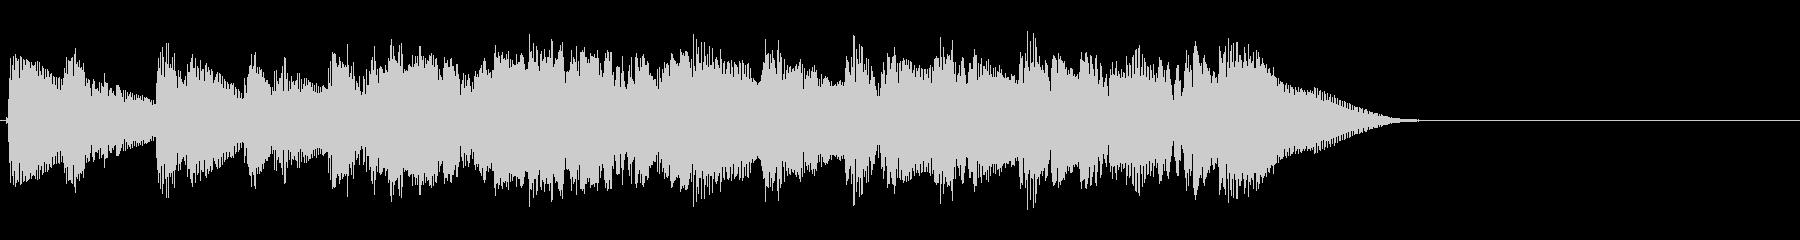 グランドピアノ:面白いランニングア...の未再生の波形